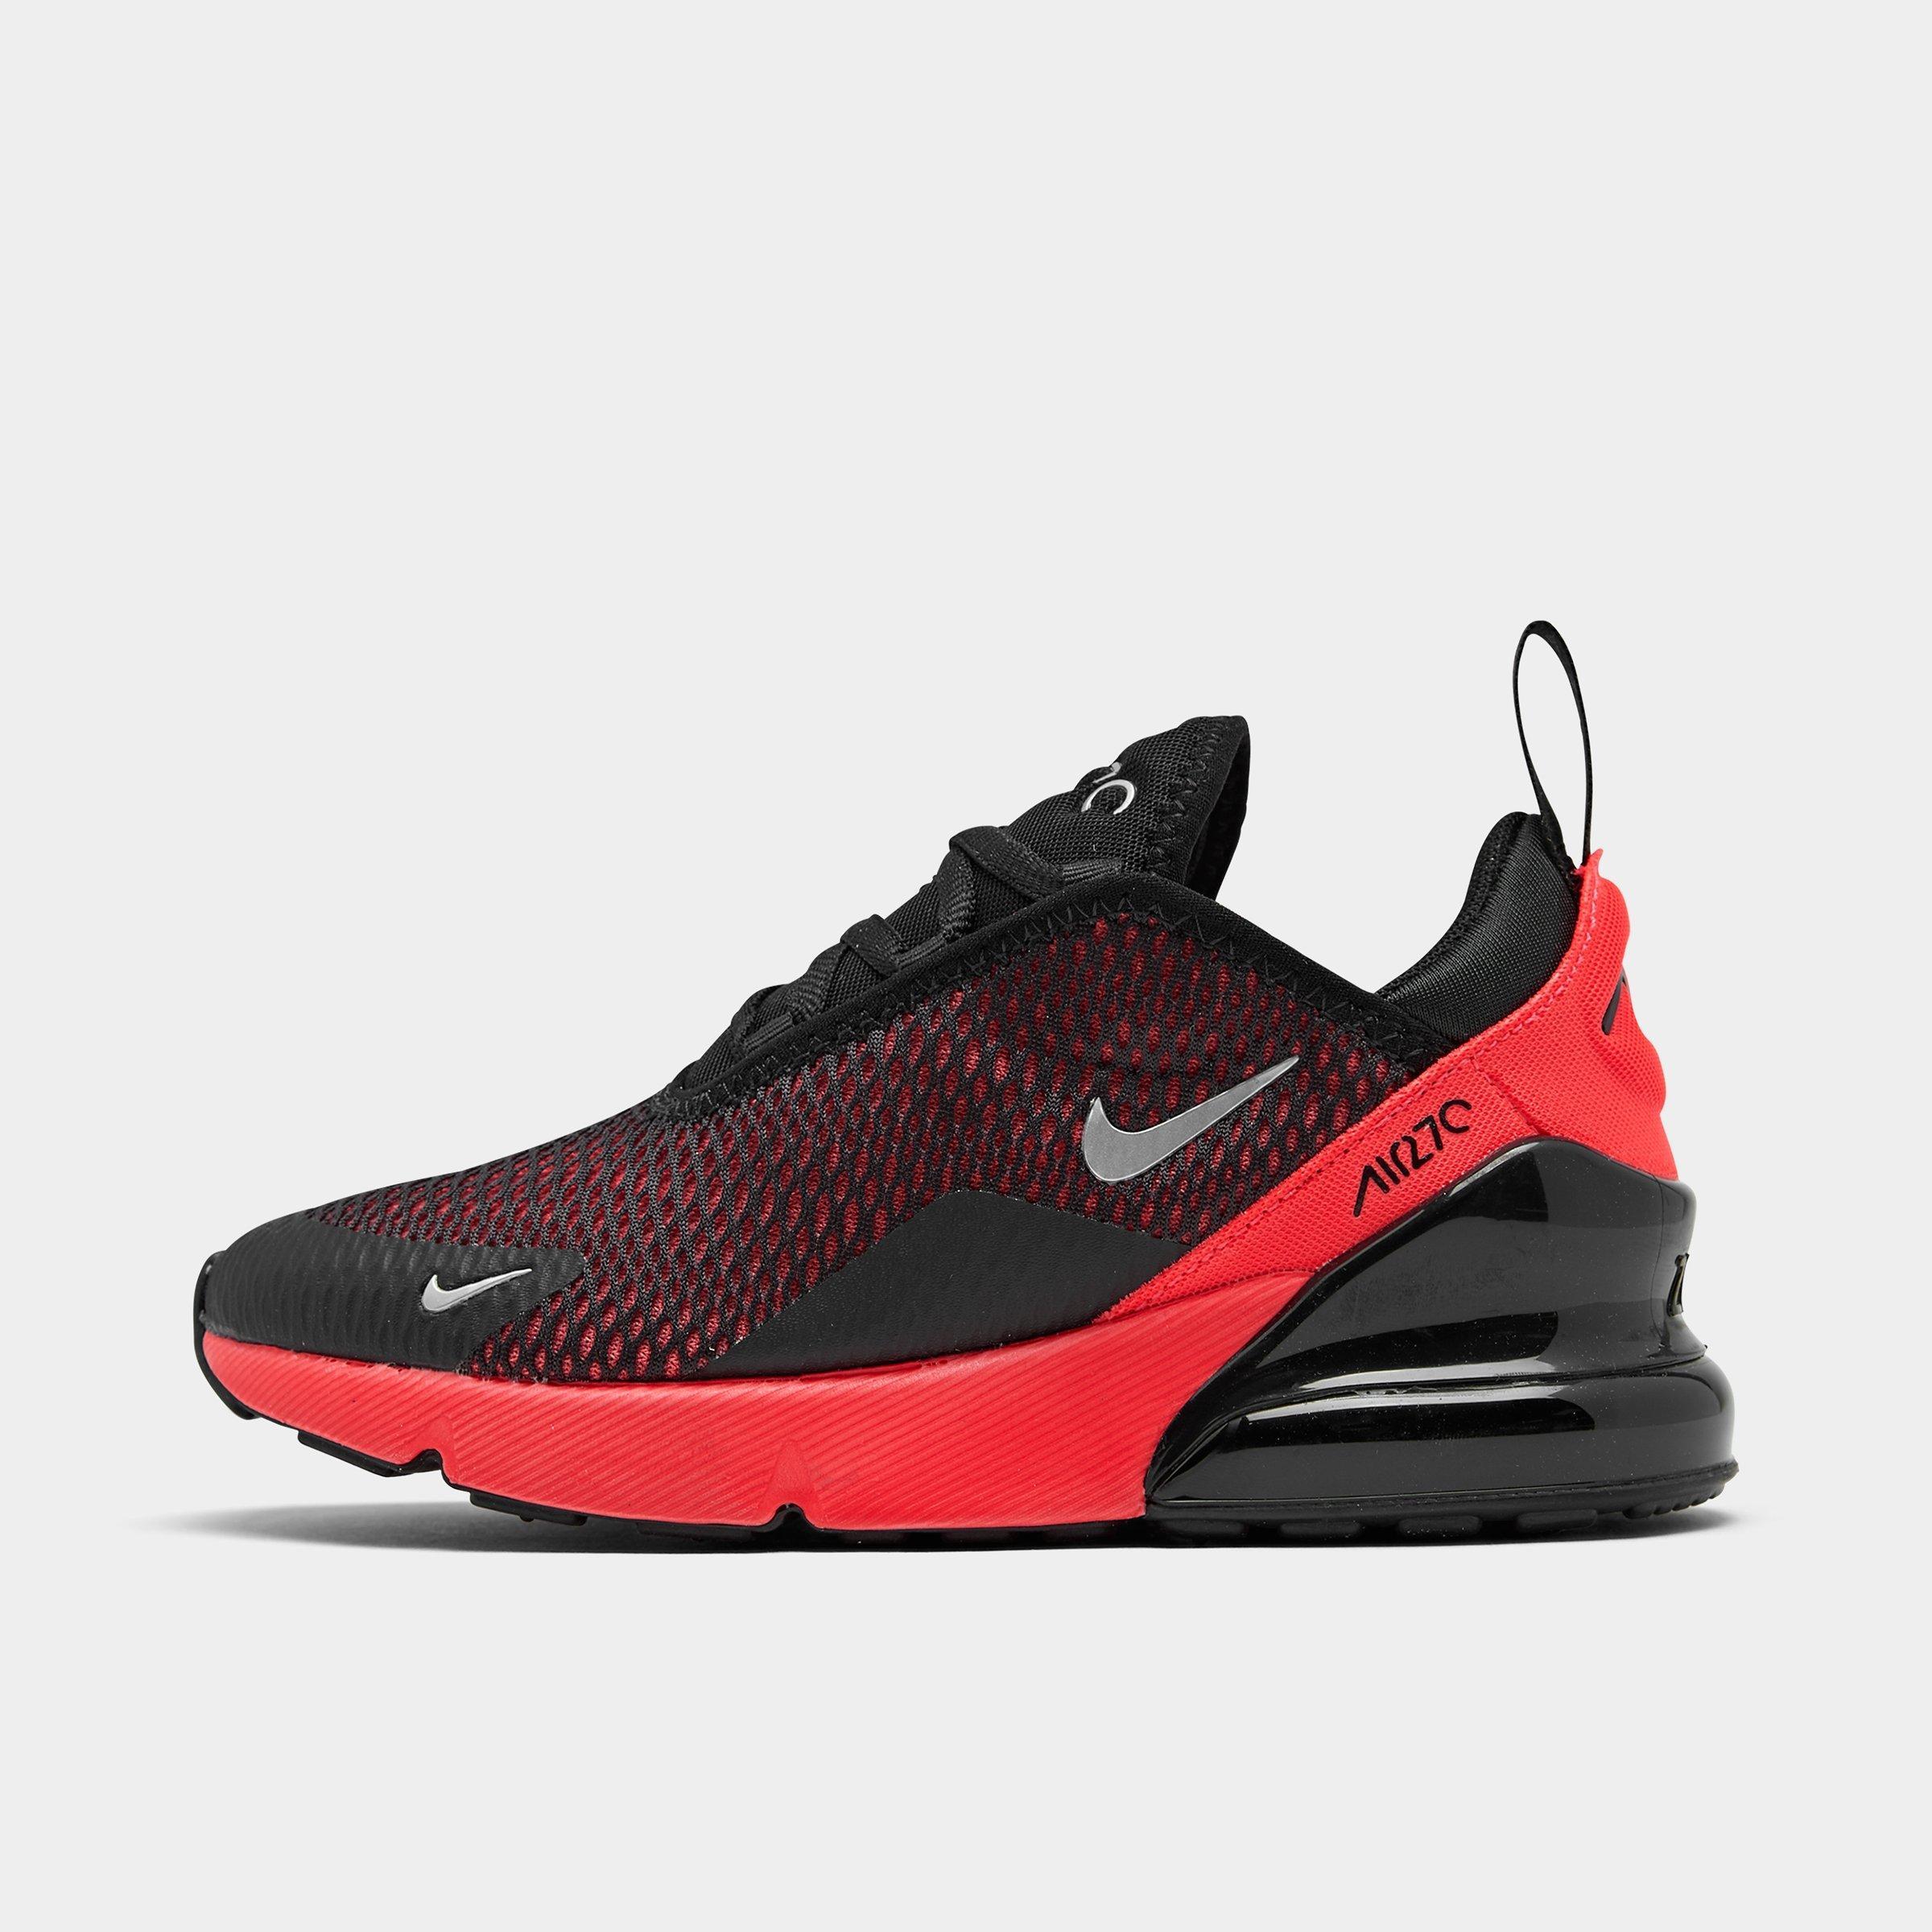 nike air 270c Cheap Nike Air Max Shoes | 1, 90, 95, 97, 98